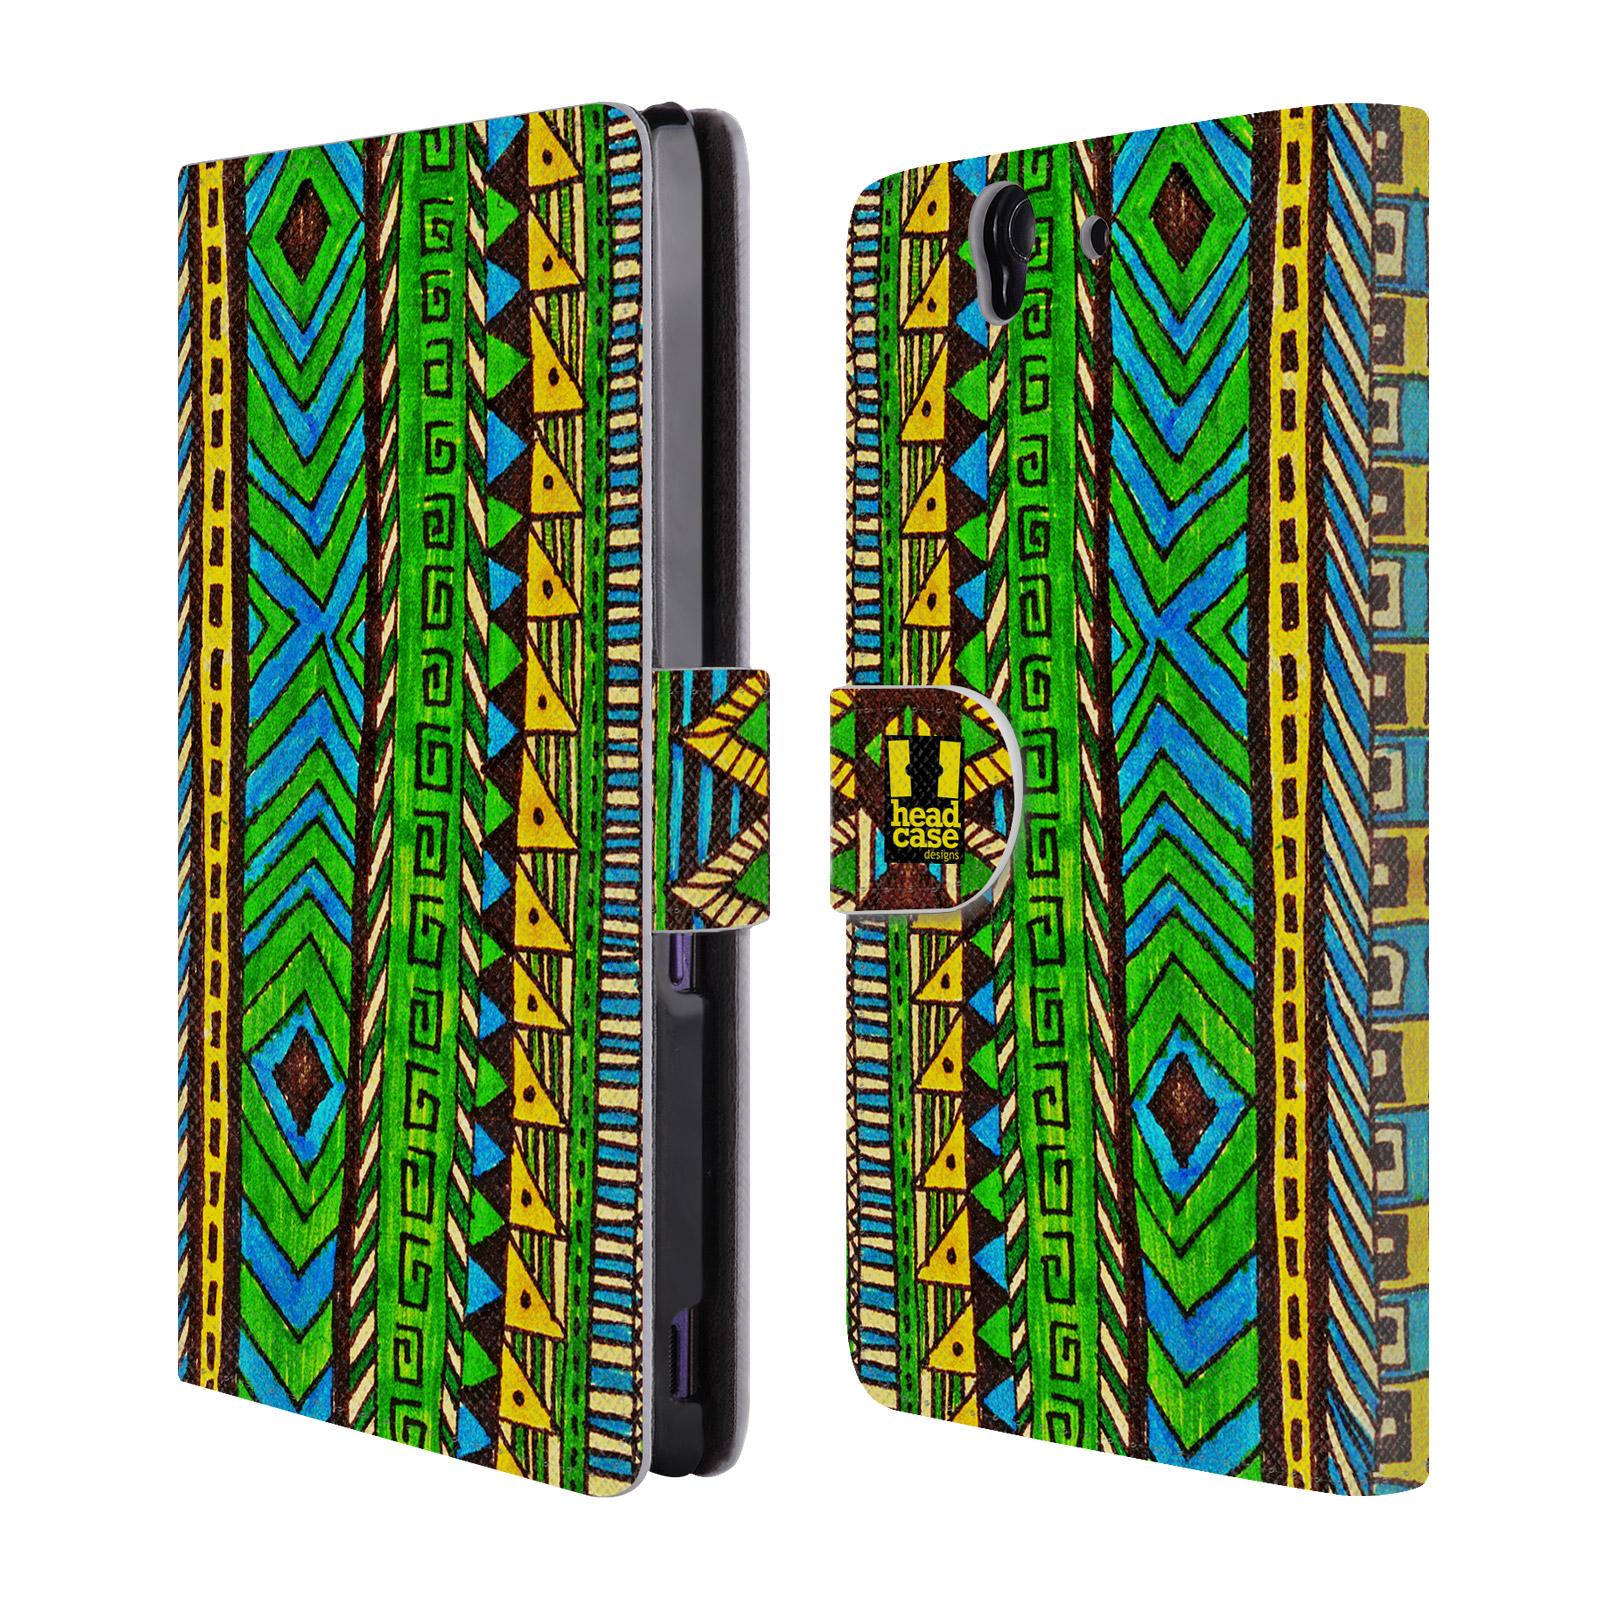 HEAD CASE Flipové pouzdro pro mobil SONY XPERIA Z (C6603) Barevná aztécká čmáranice zelená